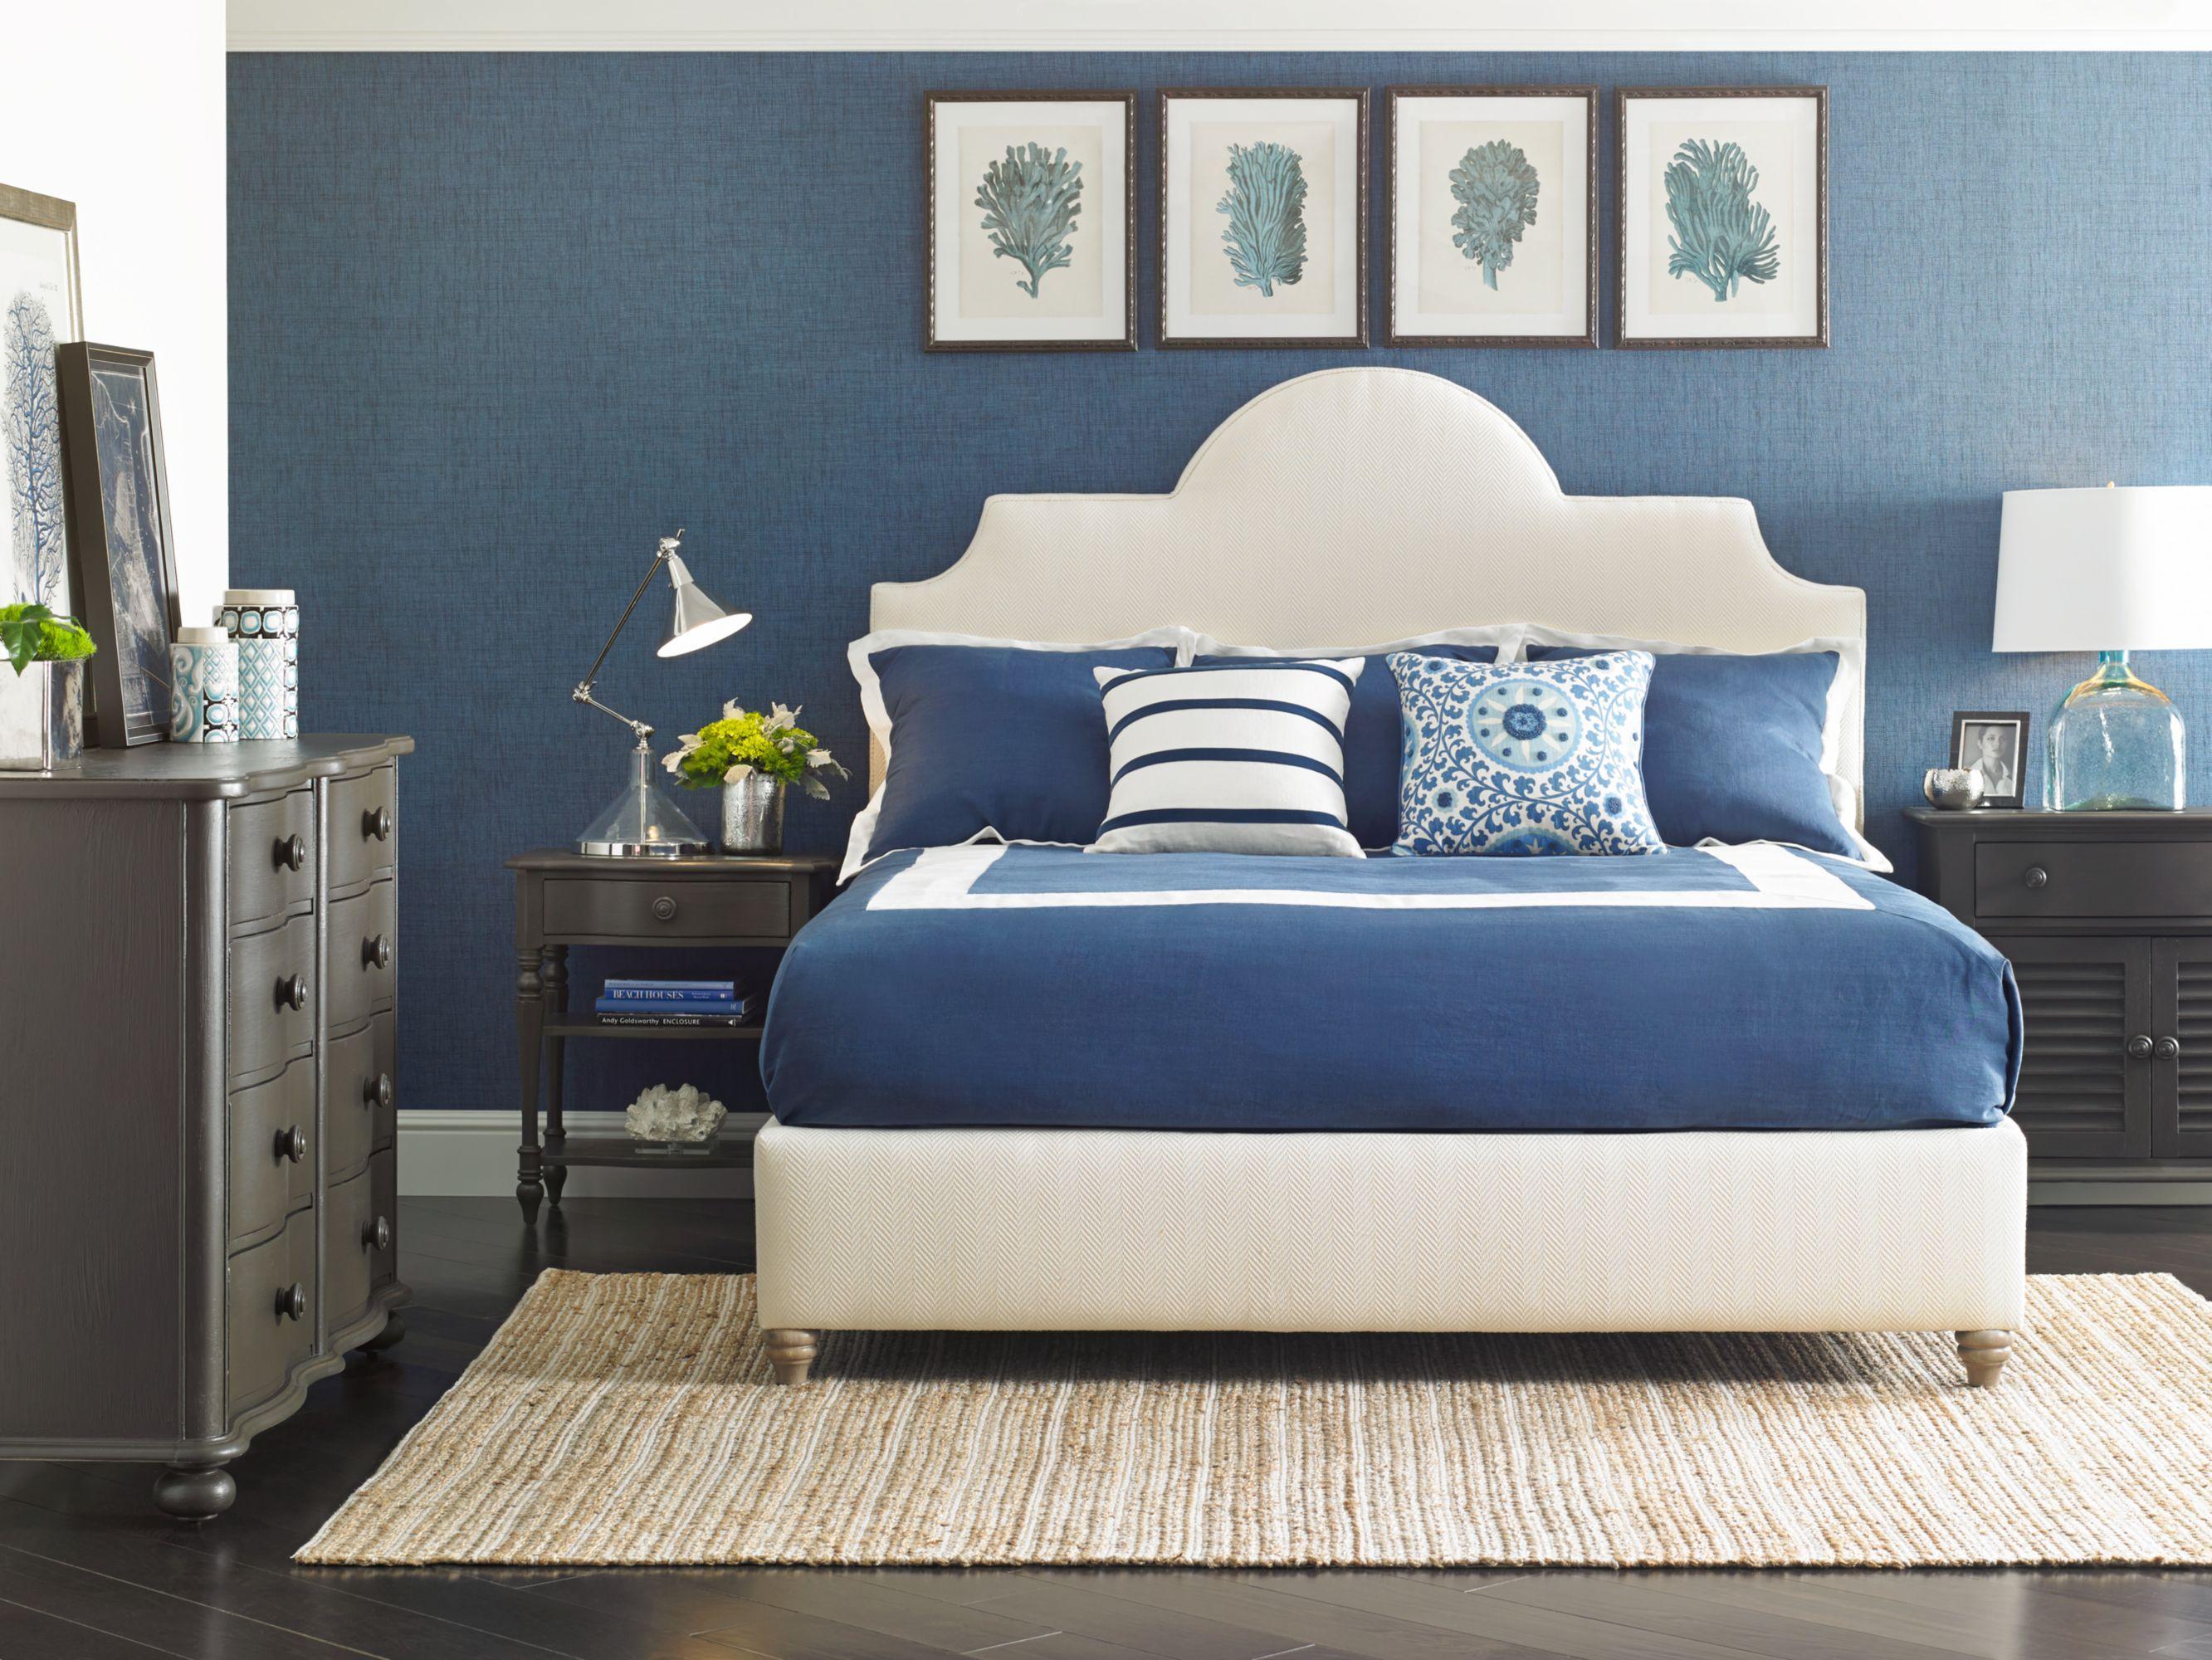 Stanley Furniture Coastal Living Retreat Bedside Table Belfort Furniture Night Stands